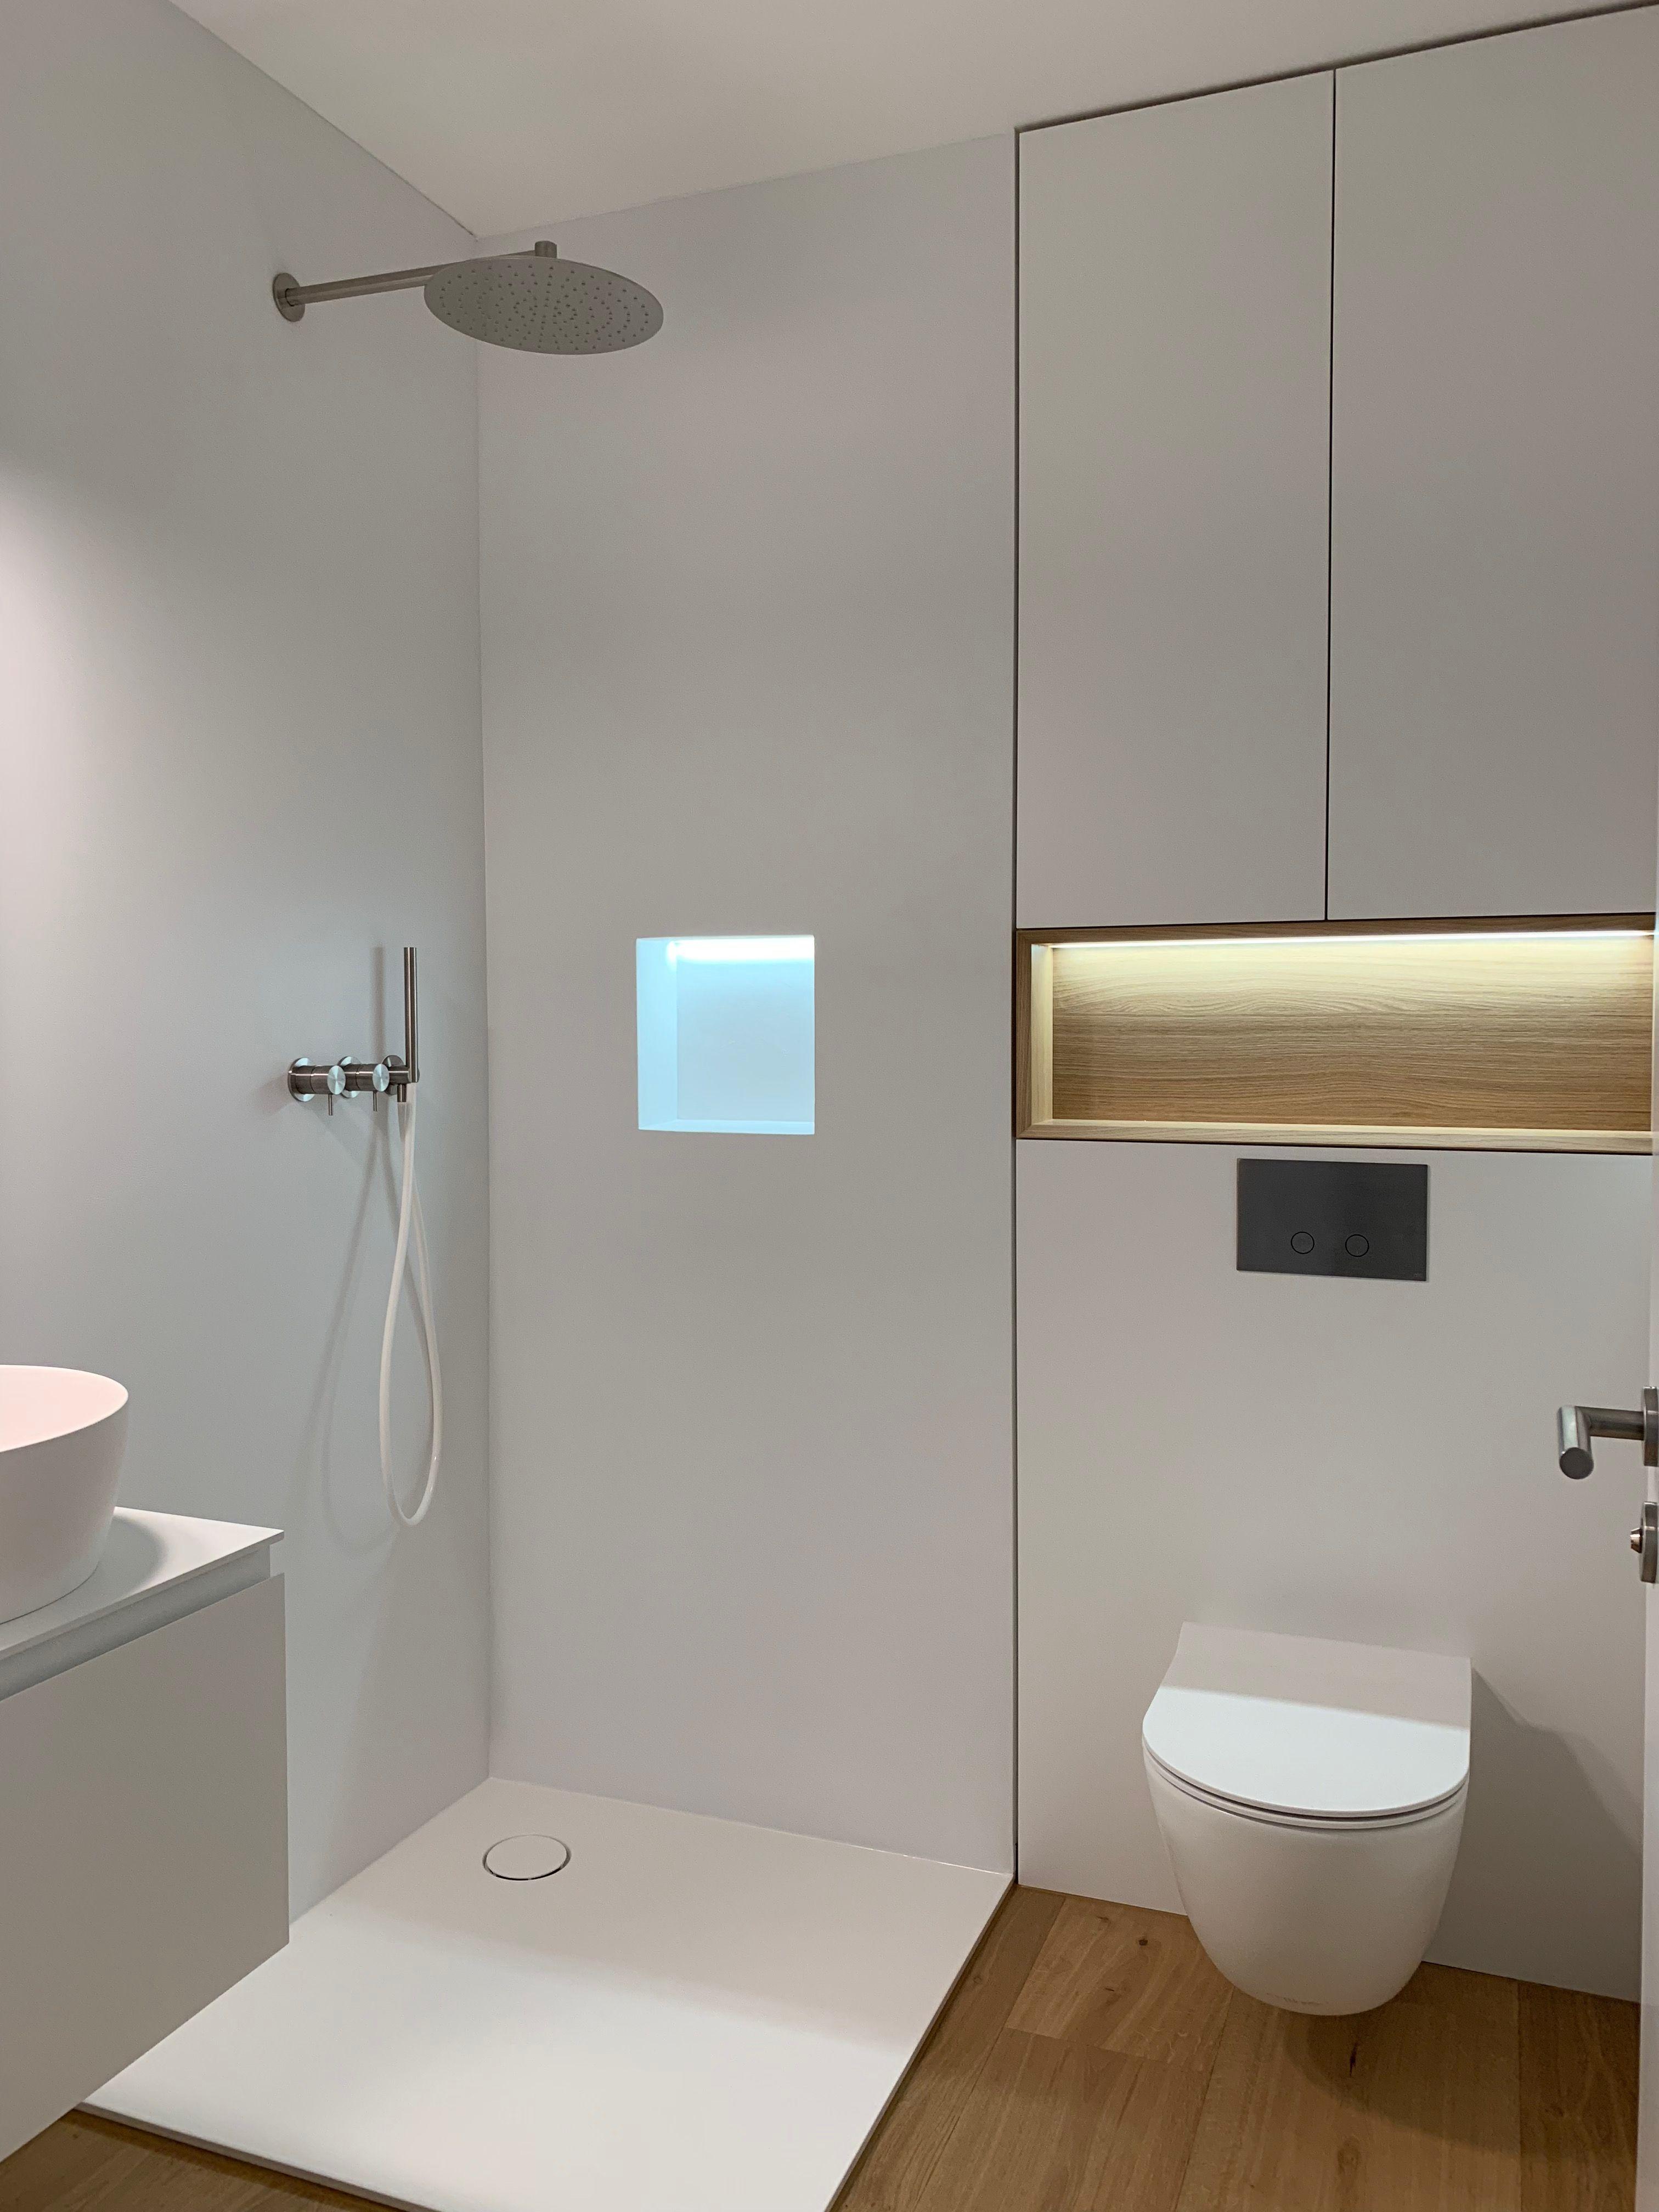 Umbau Innenarchitektur Privat By Room42 Ch Badezimmer Badezimmer Klein Badezimmer Innenausstattung